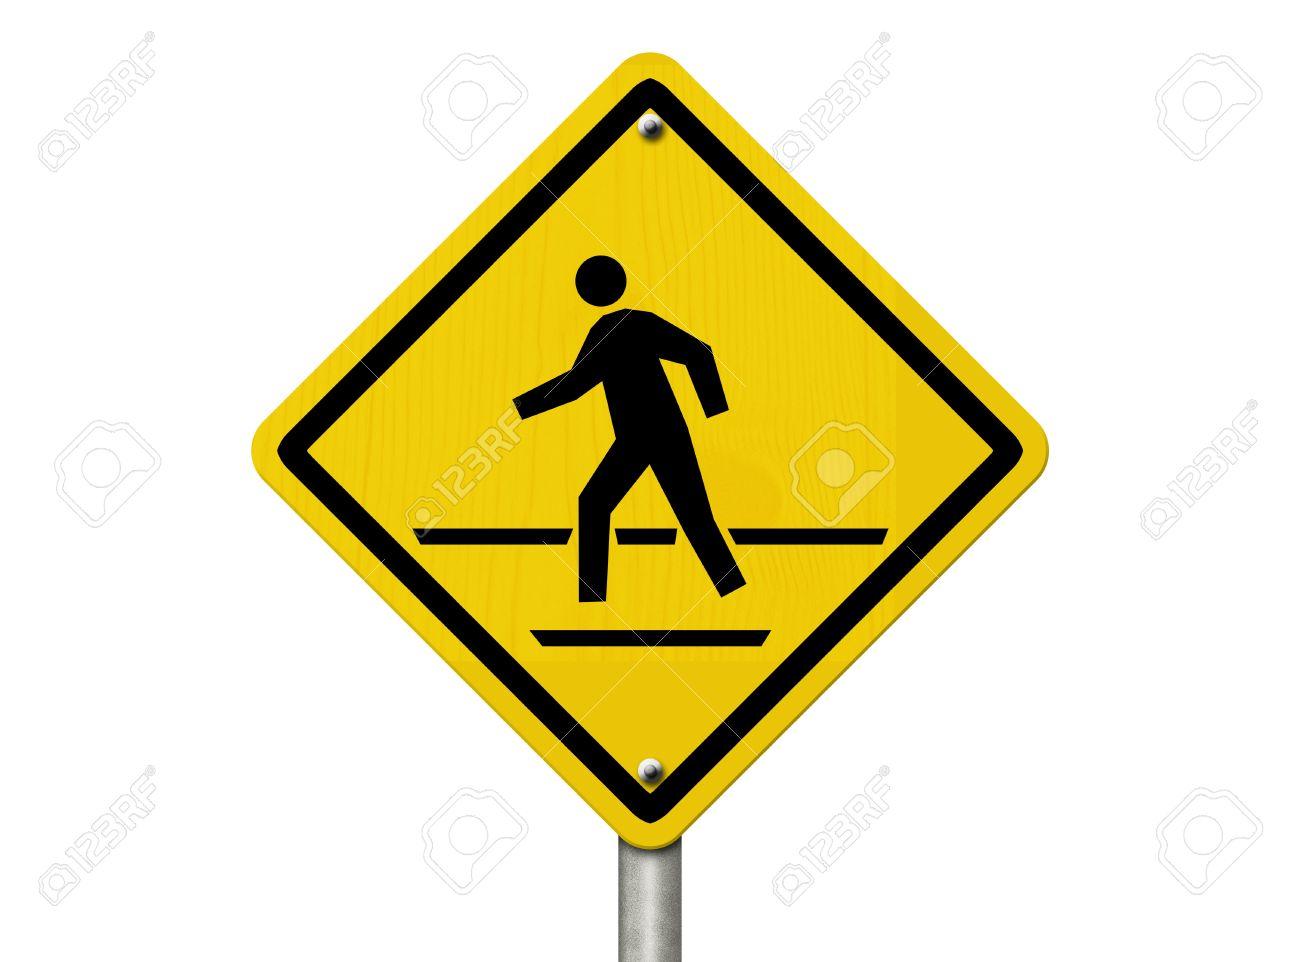 Warning Road Sign An American road warning sign